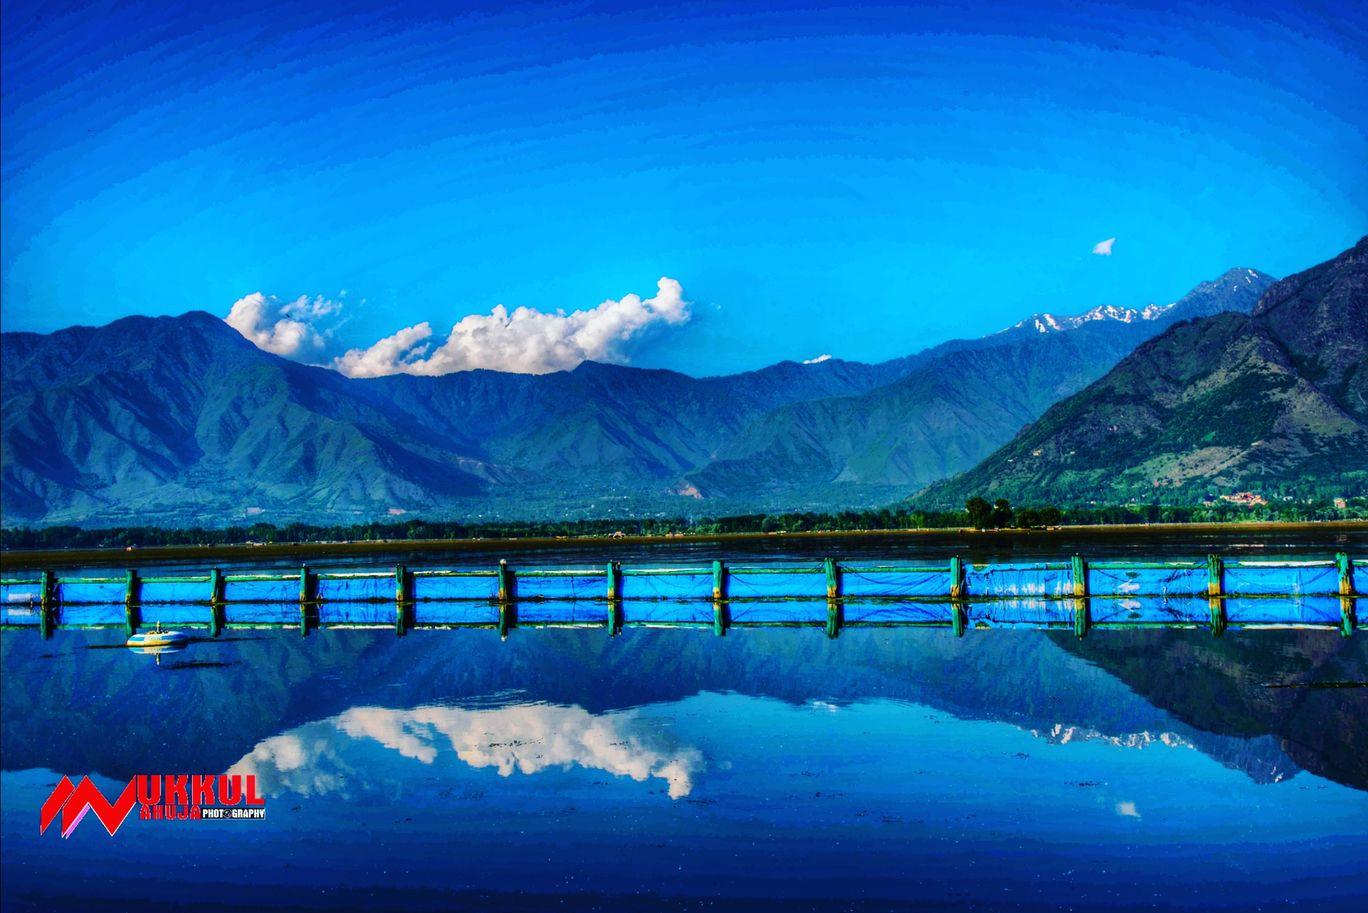 Photo of Dal Lake By Mukkul Ahuja